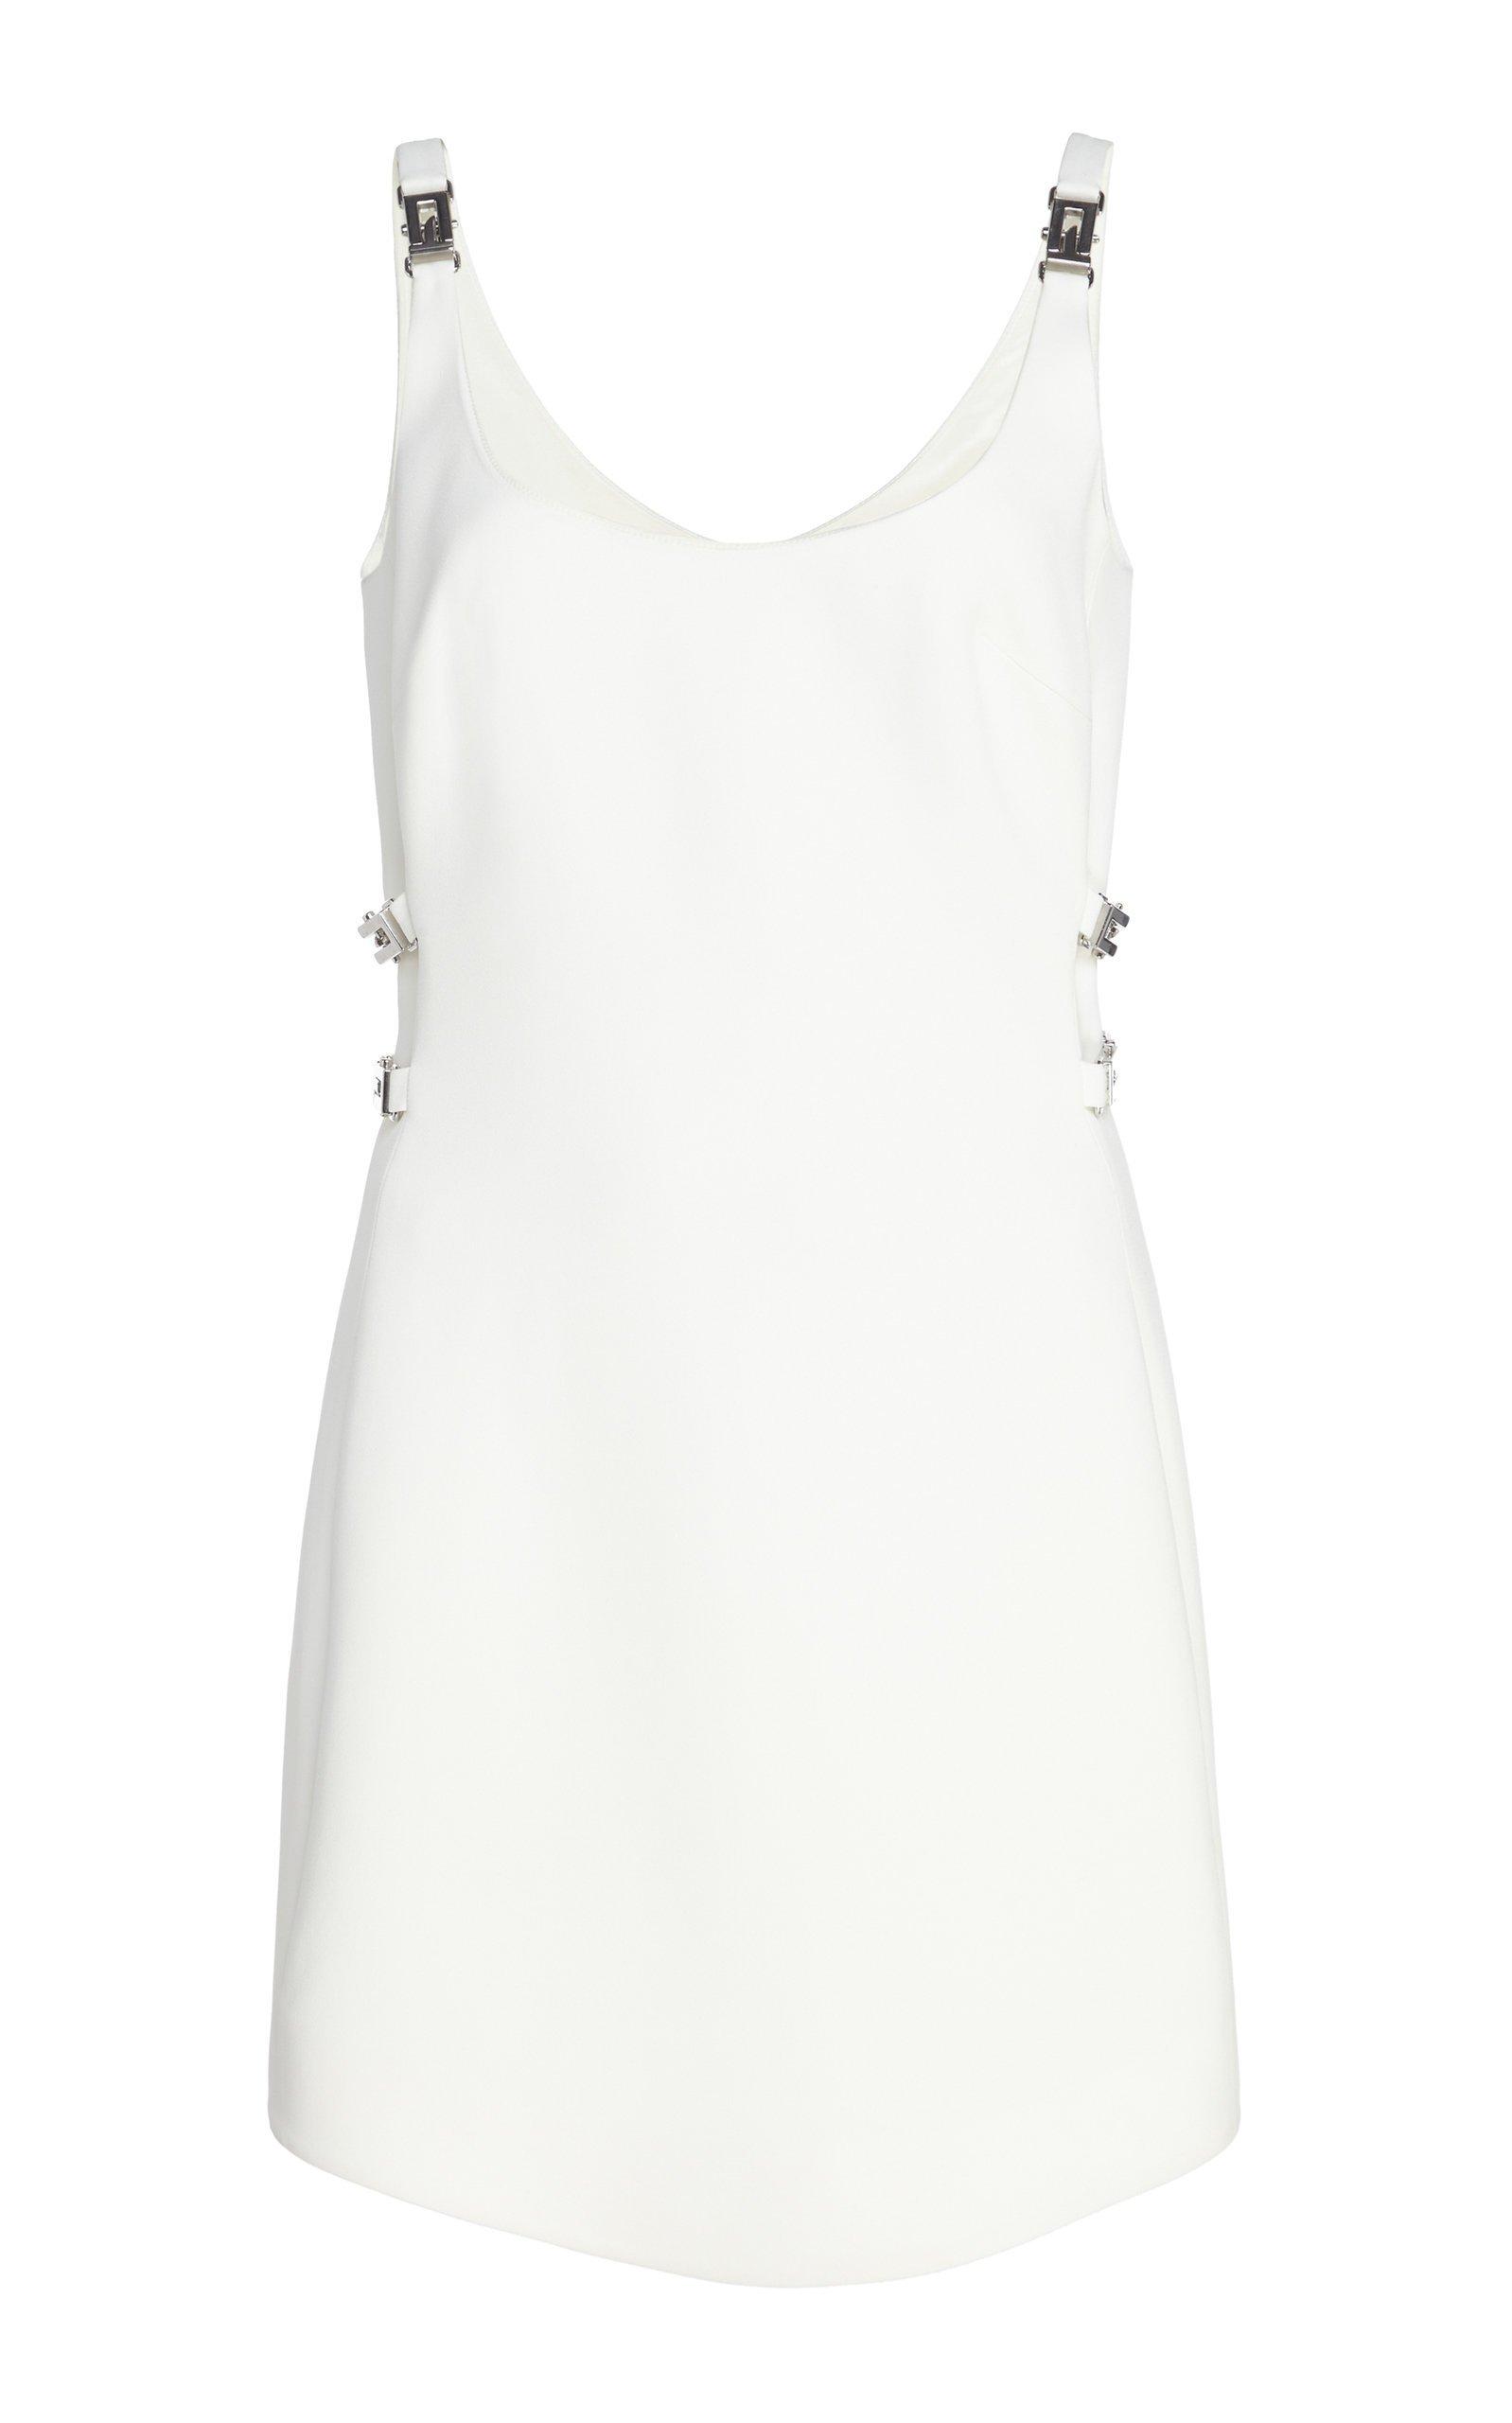 David Koma Buckled Mini Dress